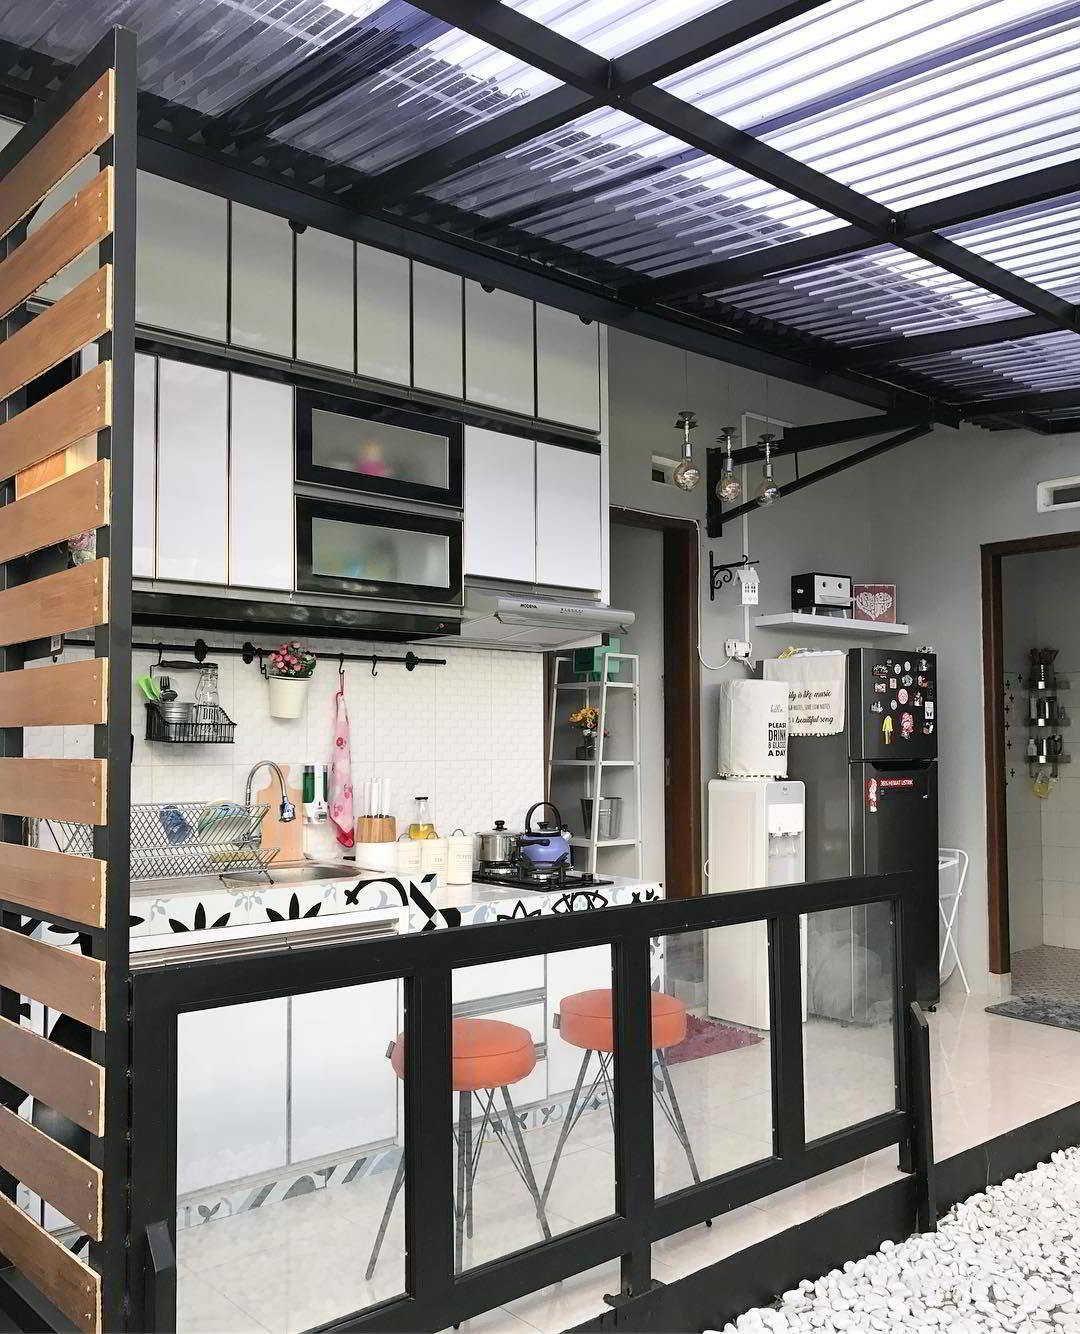 Foto Desain Dapur Semi Outdoor Di Belakang Rumah Desain Dapur